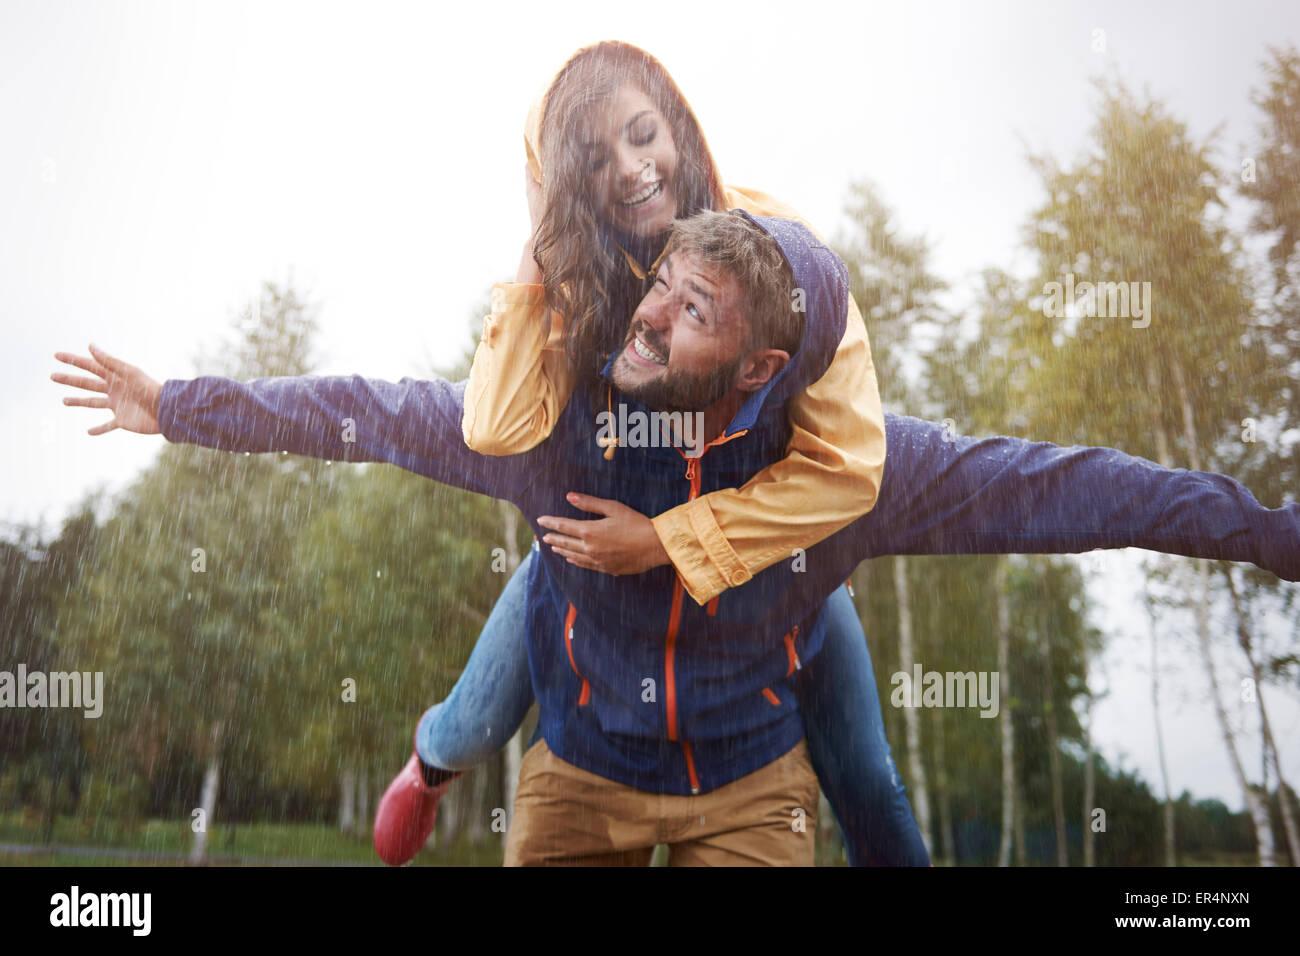 Jugando en la lluvia como un niño. Debica, Polonia Imagen De Stock